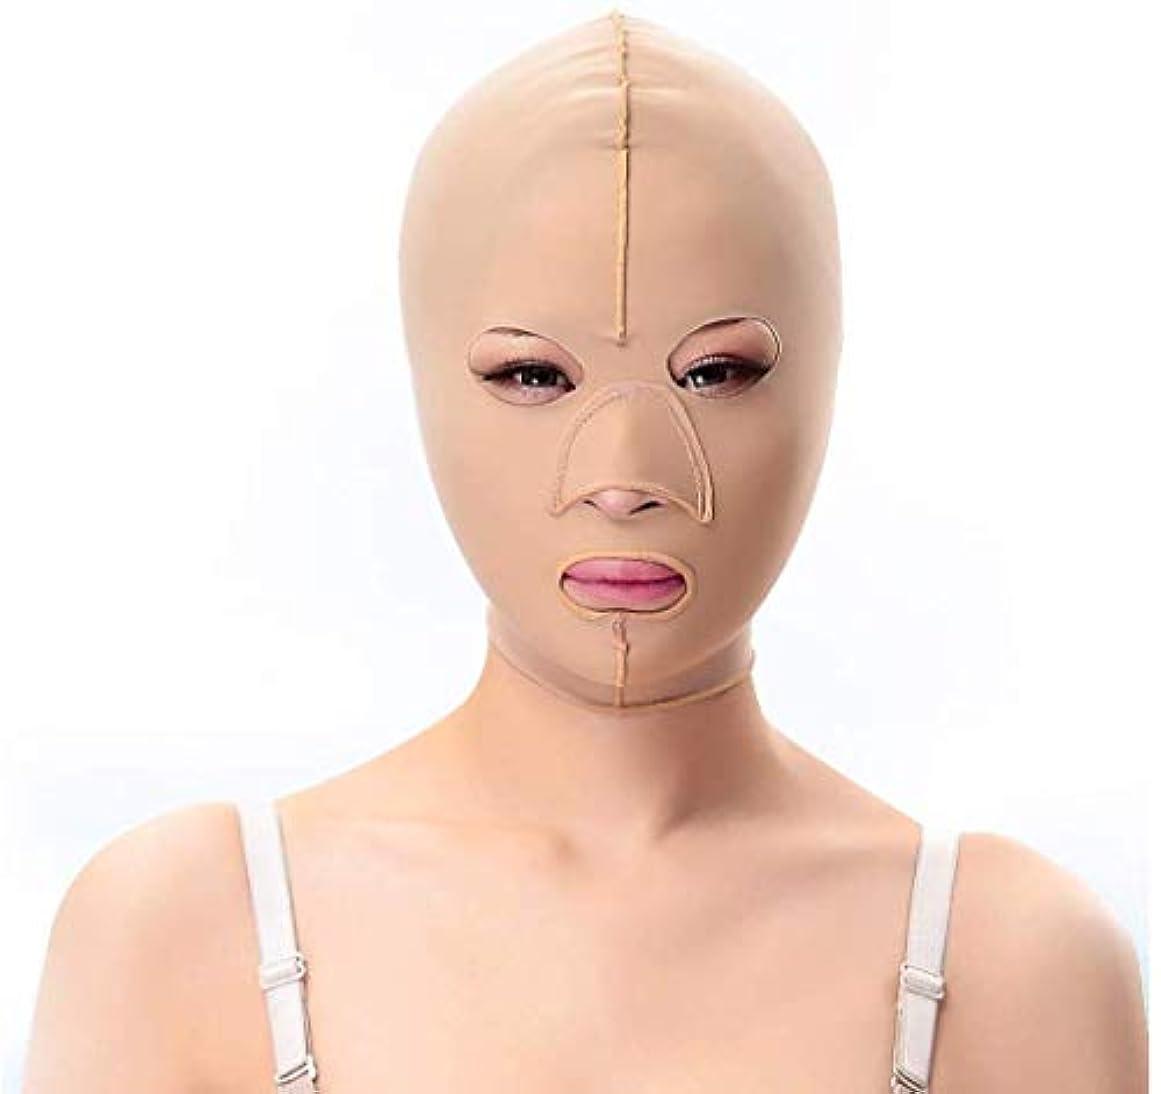 非効率的な浅い収入美と実用的なSlim身ベルト、フェイシャルマスク薄い顔マスクを布パターンを持ち上げるダブルあご引き締め顔プラスチック顔アーティファクト強力な顔包帯(サイズ:XXL)